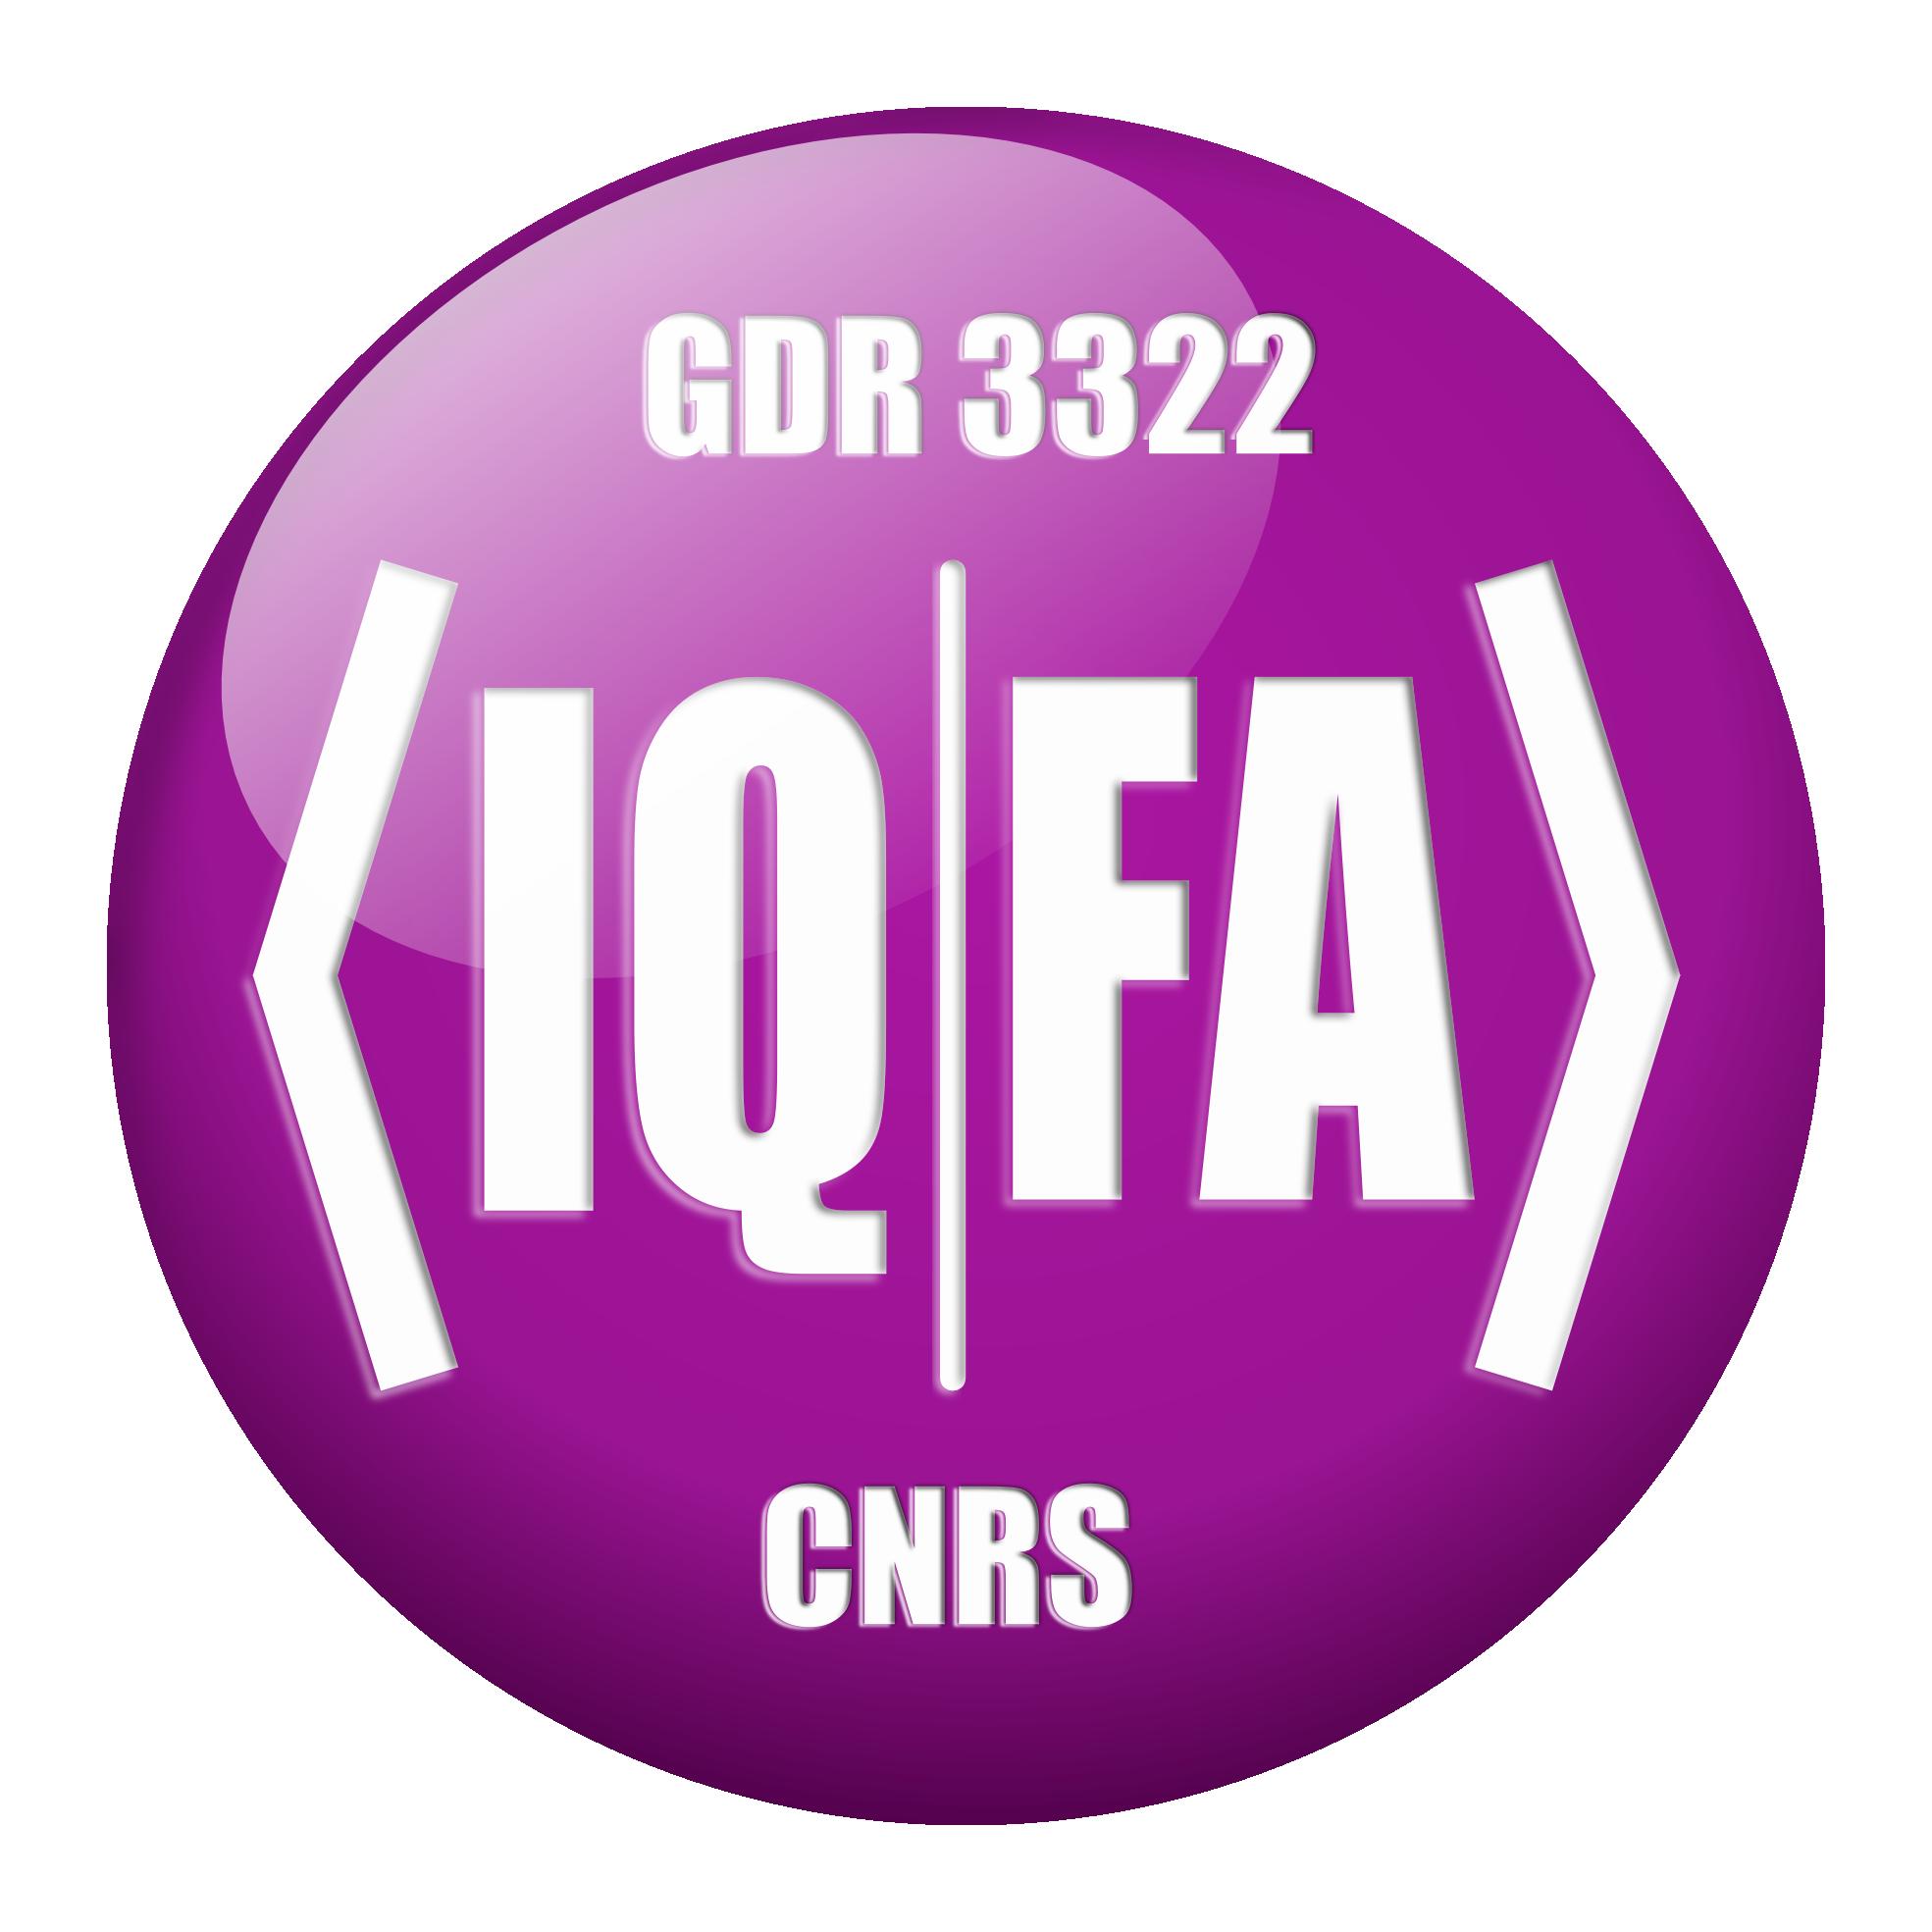 GDR IQFA